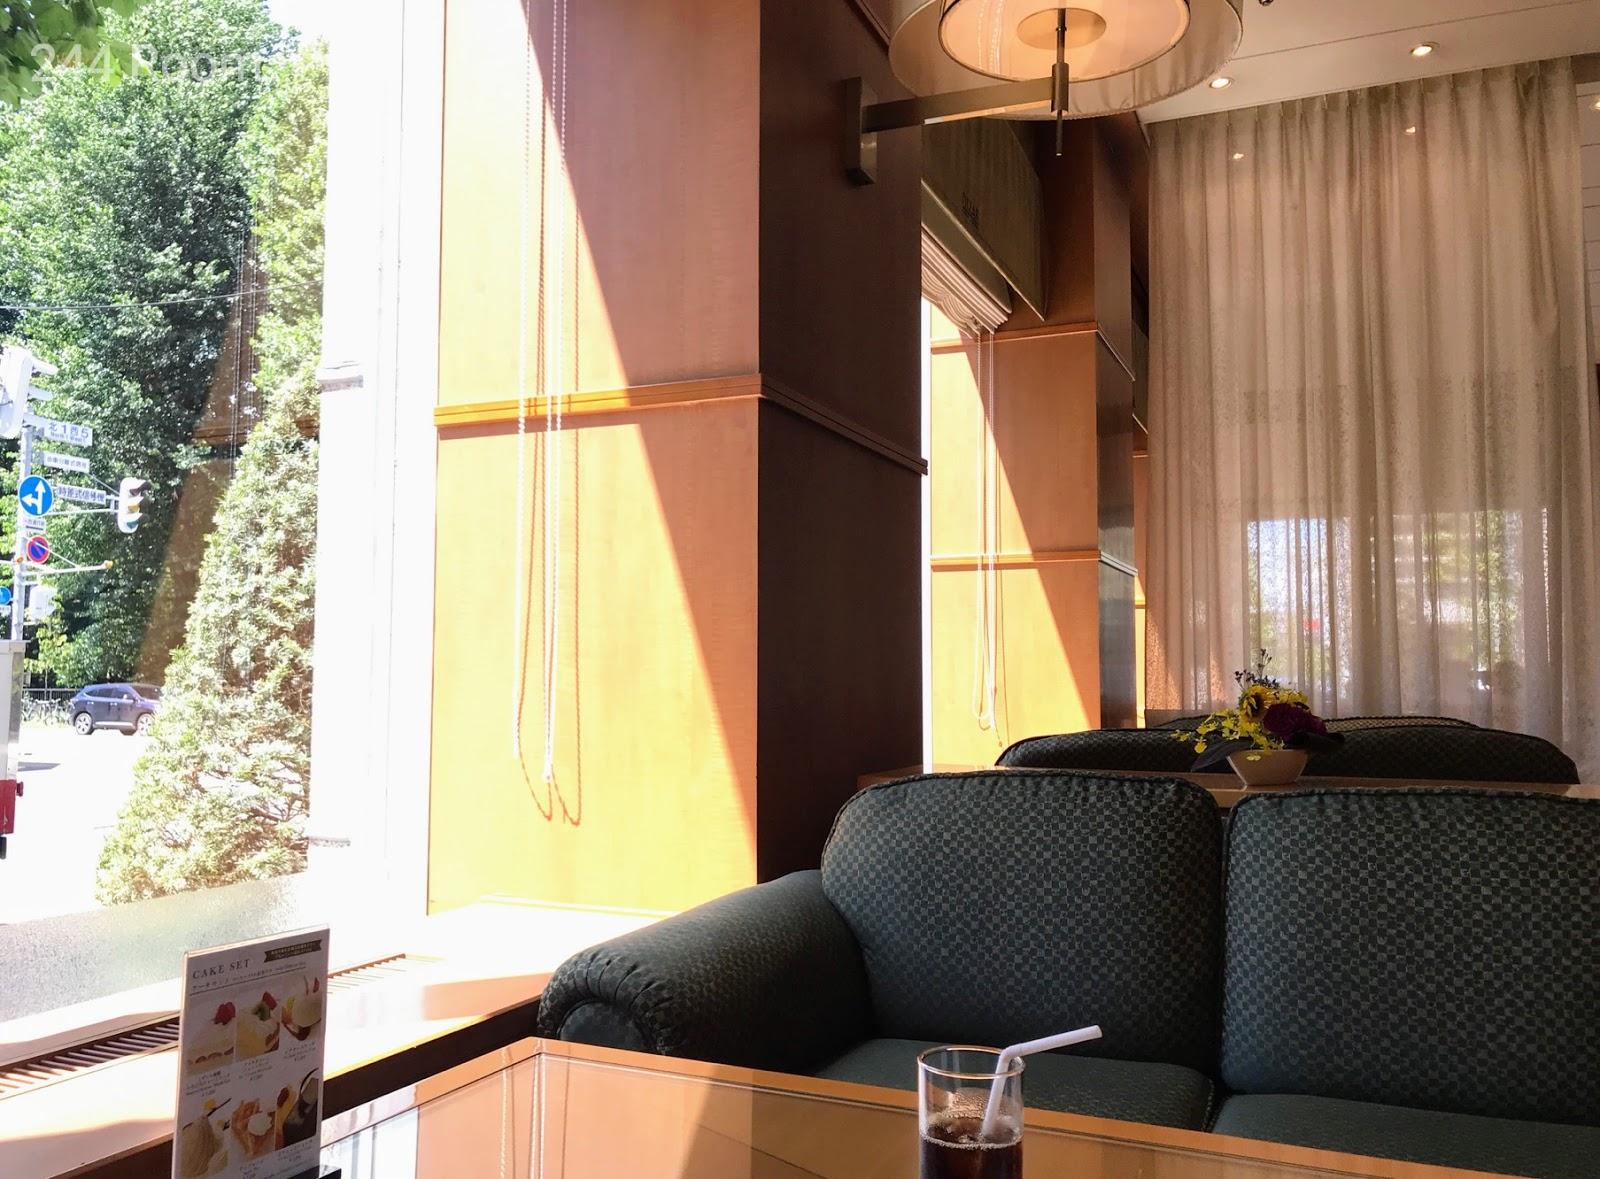 札幌グランドホテルラウンジ Sapporo grand hotel lounge3